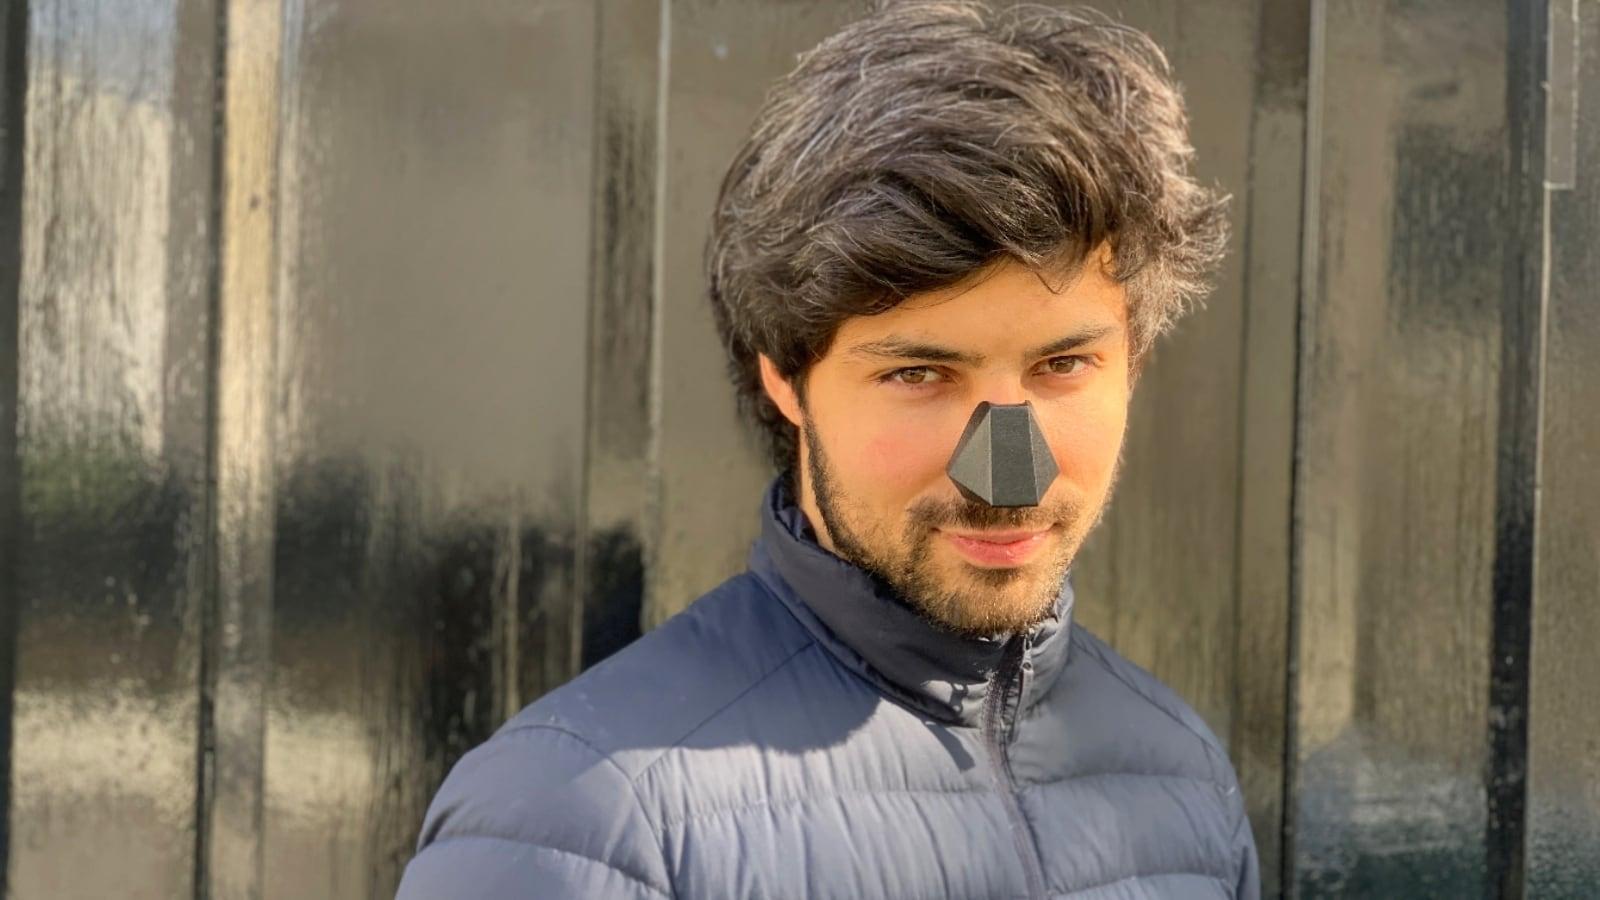 Nosy Minimalistic Breathing Device